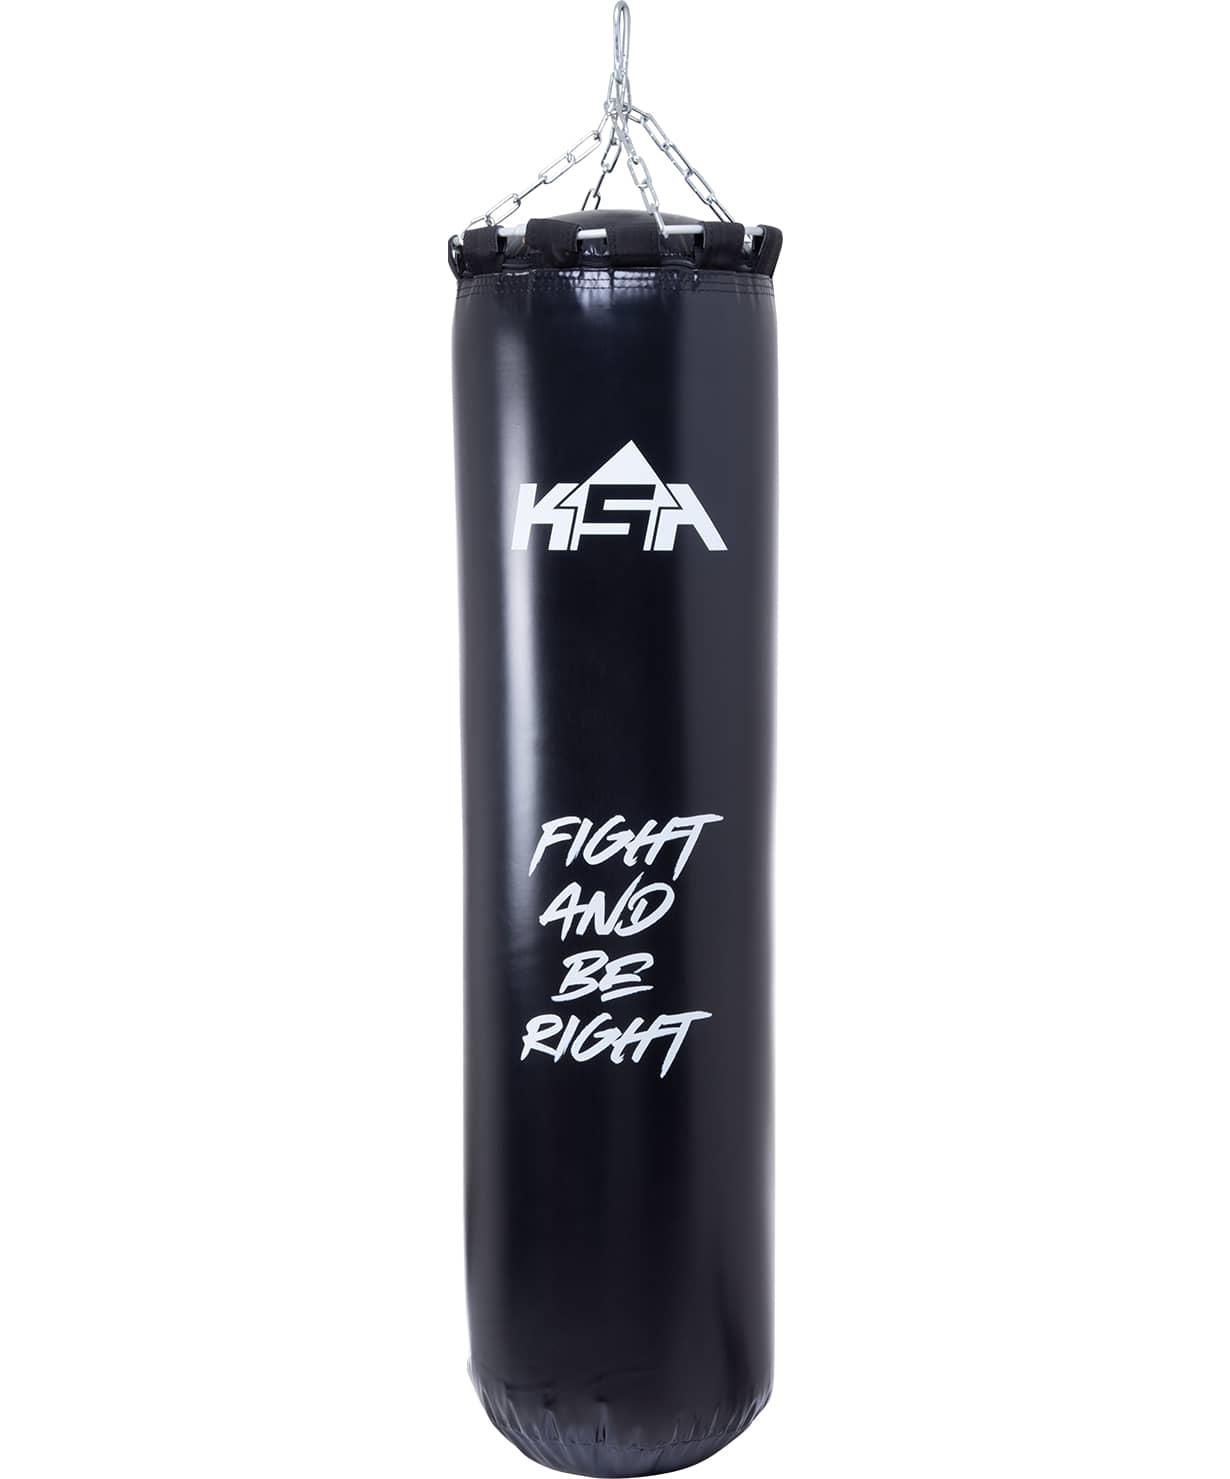 Мешок боксерский PB-02, 110 см, 35 кг, ПВХ, черный